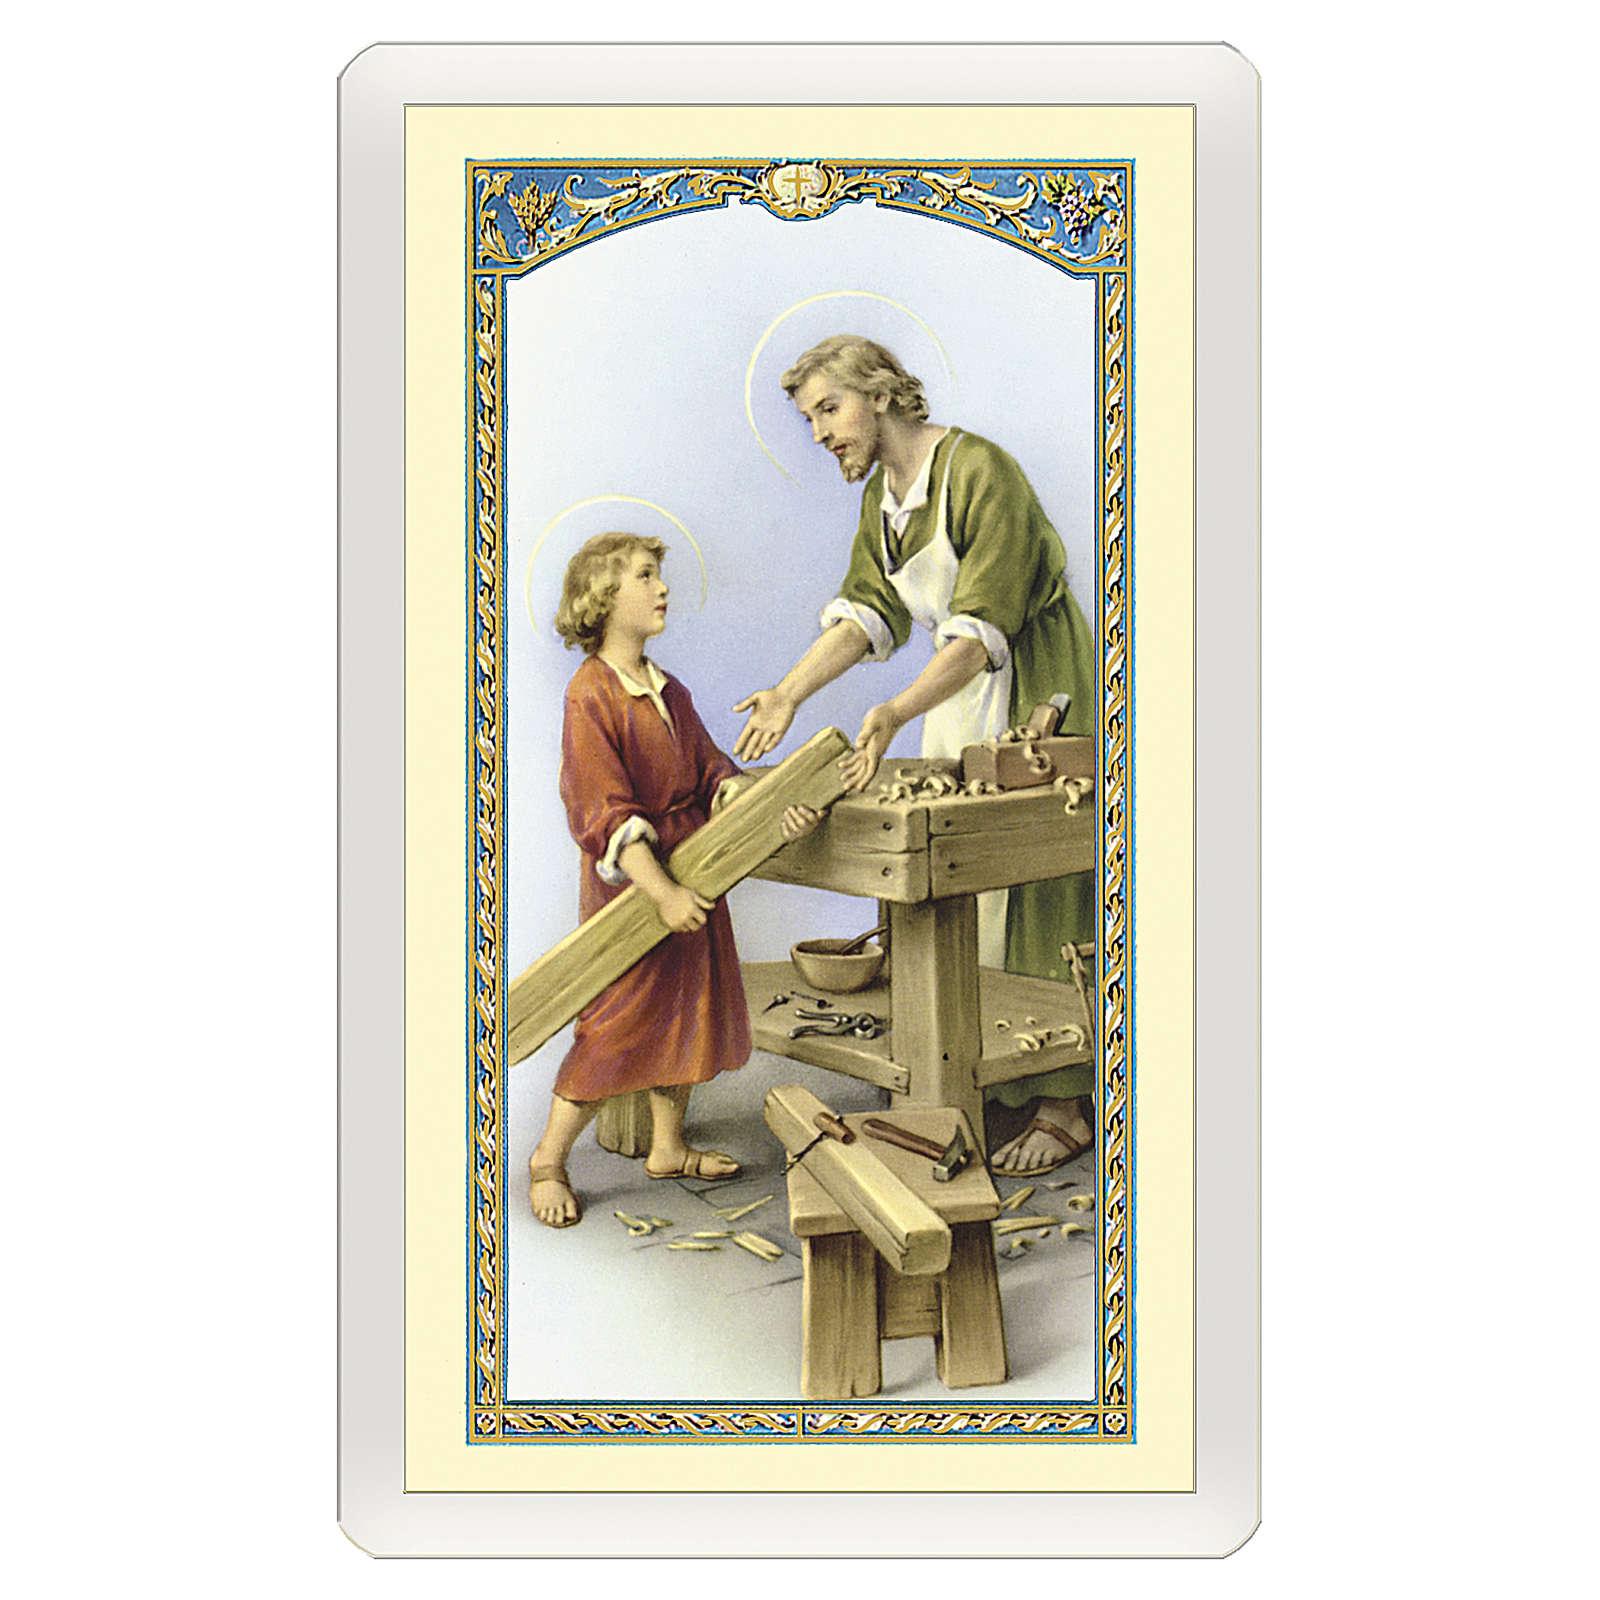 Santino San Giuseppe al banco di lavoro Supplica per trovare lavoro ITA 10x5 4